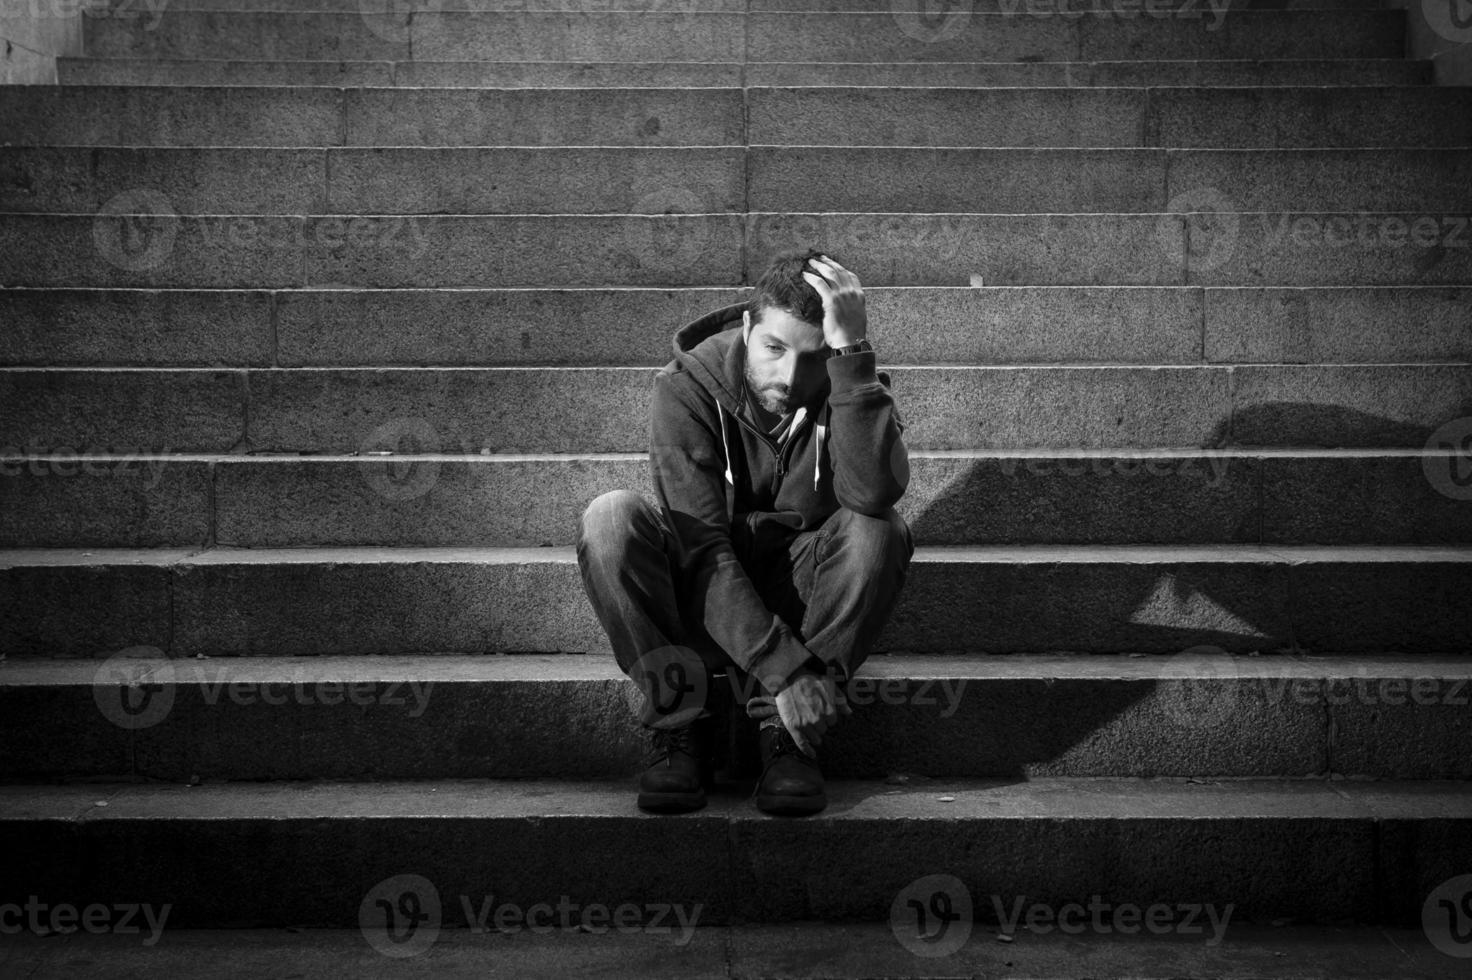 jonge man lijden depressie zittend op straat betonnen trappen op straat foto